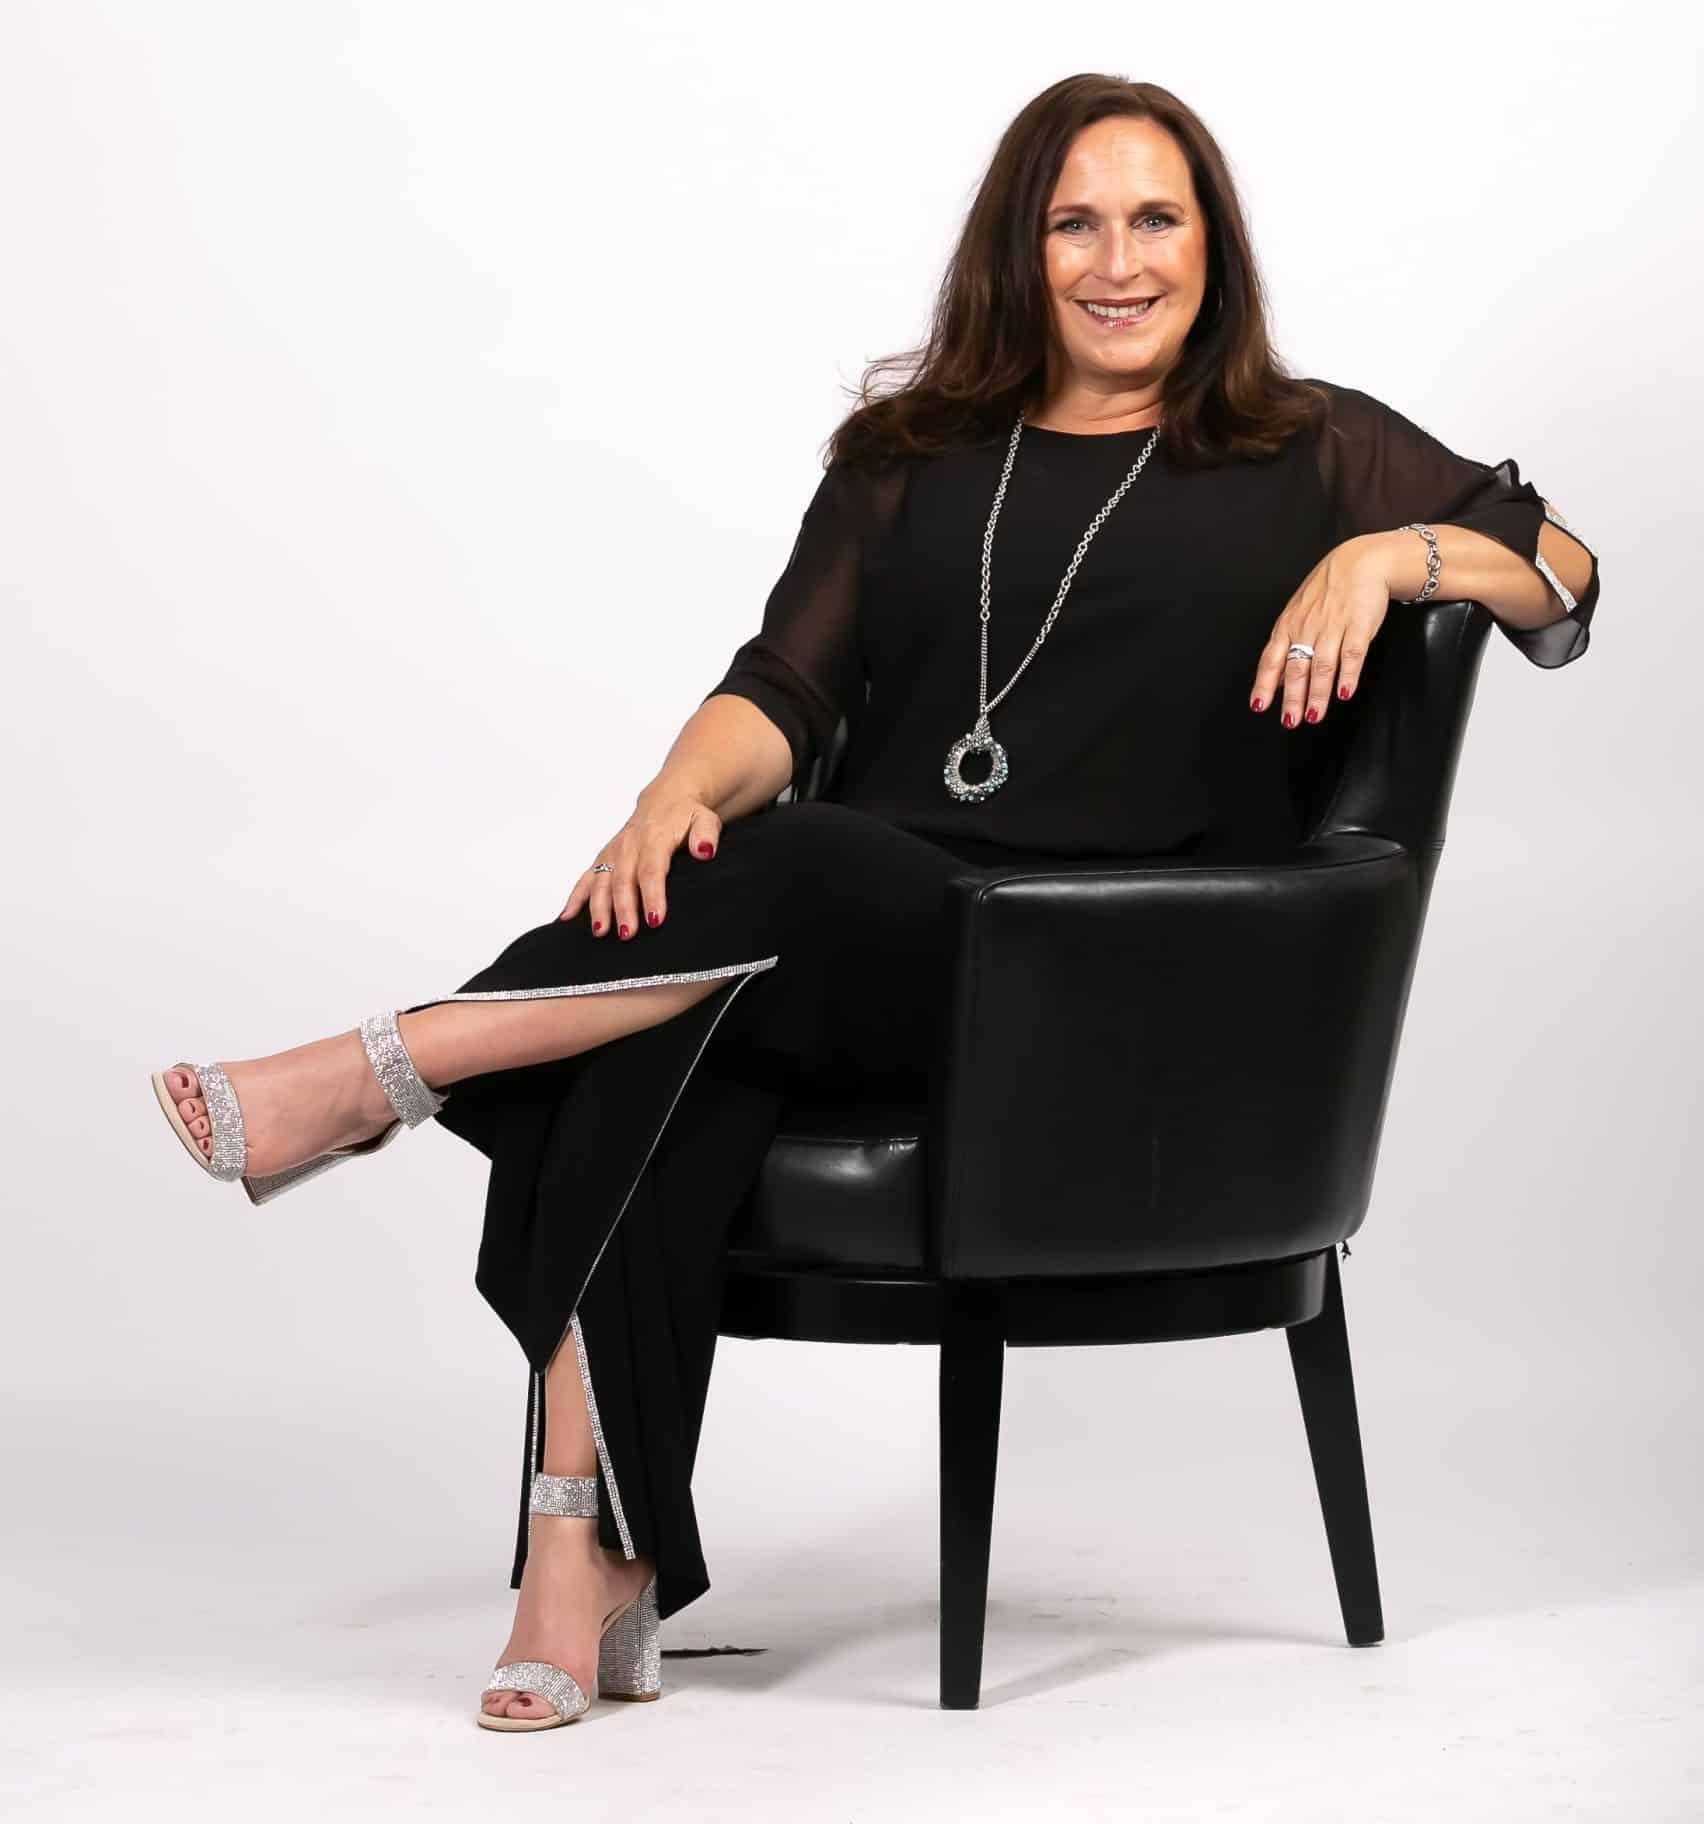 Nancy Ganzekaufer is a sought-after Speaker